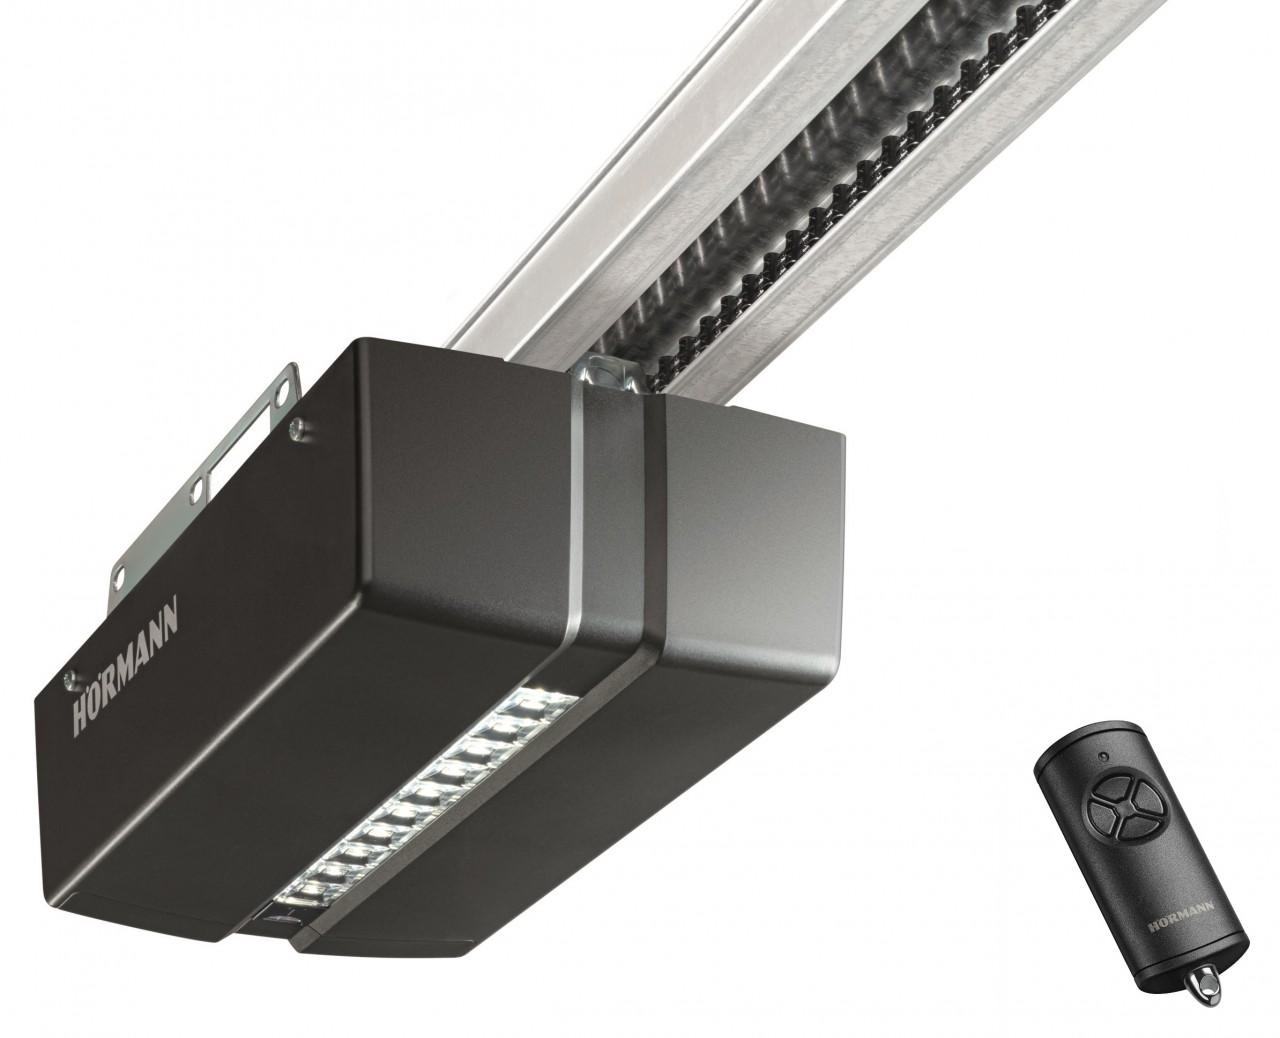 Hörmann ProMatic 4 Garage Door Opener with K-Rails